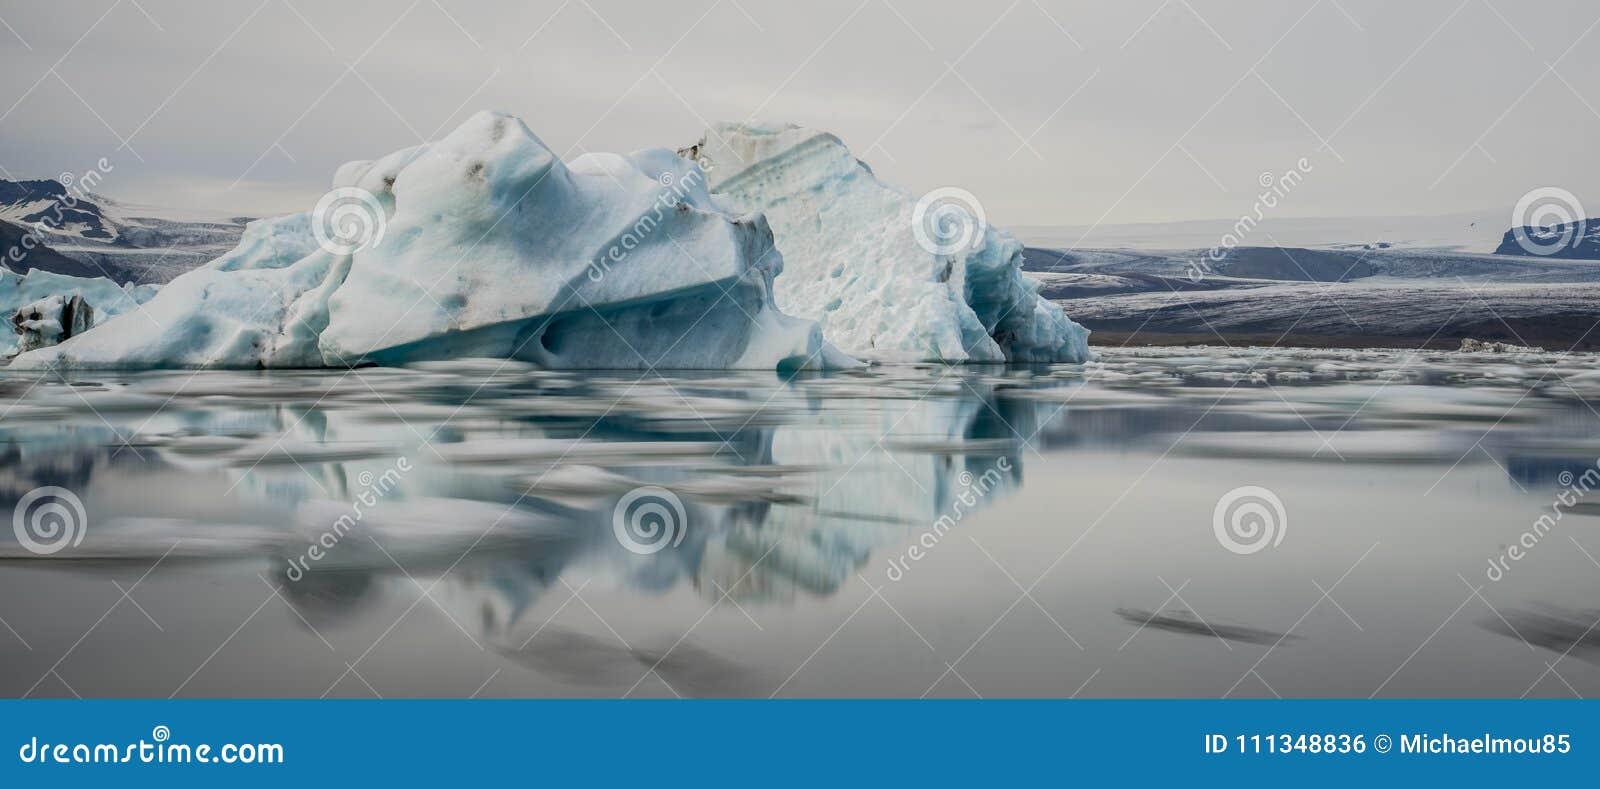 Icebergs in Jokulsarlon lagoon. Iceland